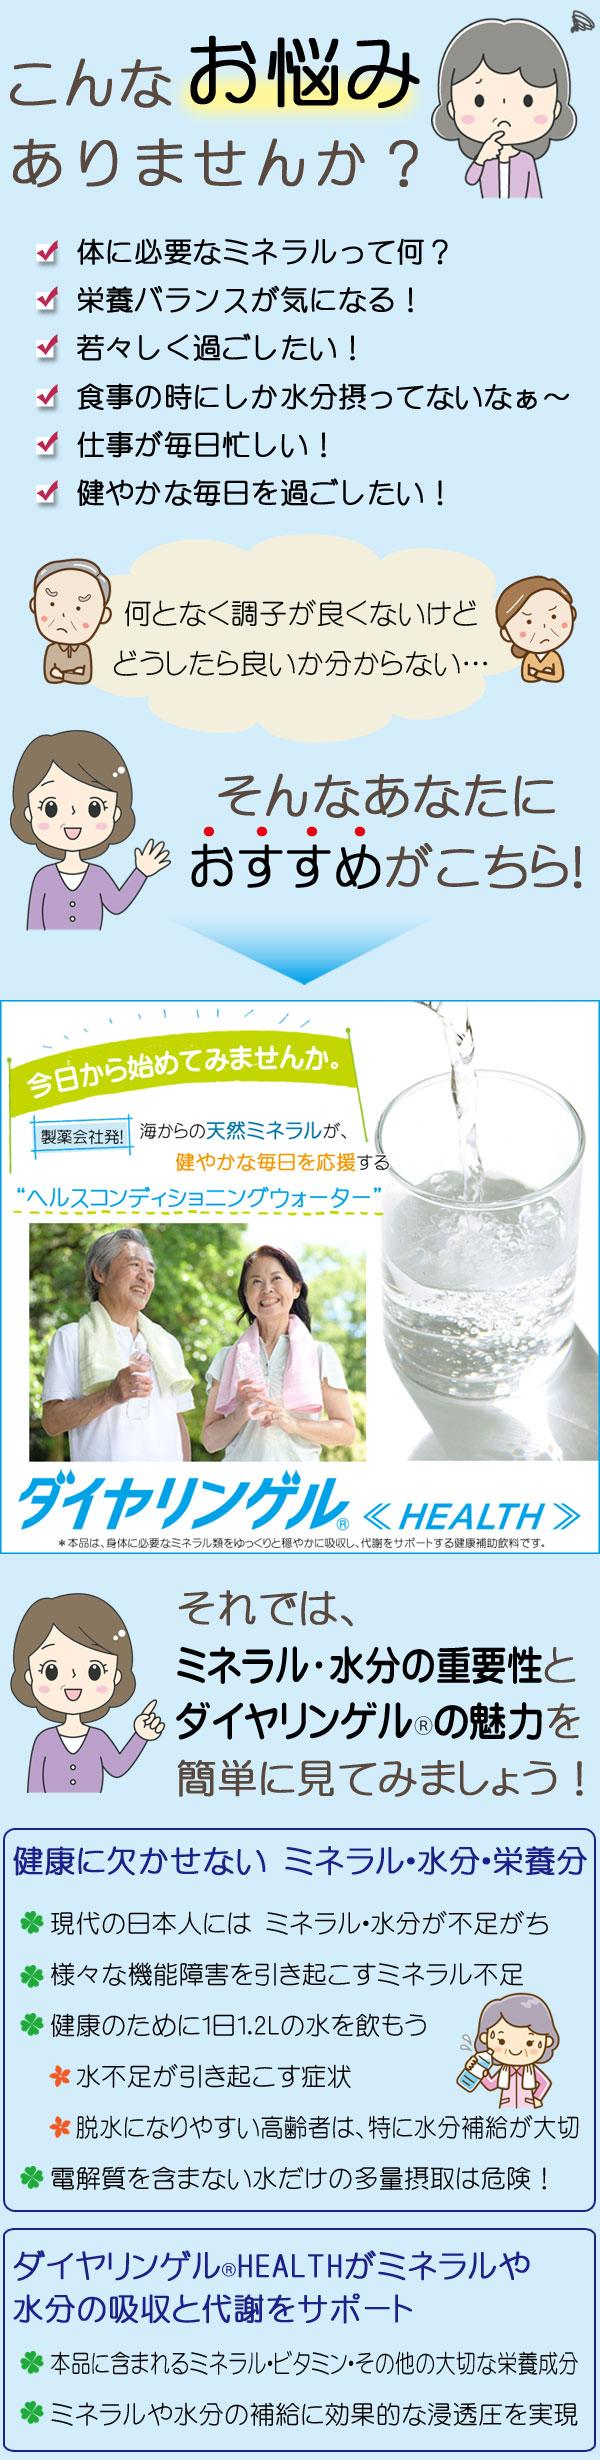 何となく調子が良くないけど どうしたら良いか分からない… そんなあなたに、おすすめがこちら! ダイヤリンゲル《HEALTH》  ミネラル・水分の重要性とダイヤリンゲル®の魅力 ●健康に欠かせない ミネラル・水分・栄養分 ・現代の日本人には ミネラル・水分が不足がち ・様々な機能障害を引き起こすミネラル不足 ・健康のために1日1.2Lの水を飲もう  ・水不足が引き起こす症状  ・脱水になりやすい高齢者は、特に水分補給が大切 ・電解質を含まない水だけの多量摂取は危険! ●ダイヤリンゲル®HEALTHがミネラルや水分の吸収と代謝をサポート ・本品に含まれるミネラル・ビタミン・その他の大切な栄養成分 ・ミネラルや水分の補給に効果的な浸透圧を実現